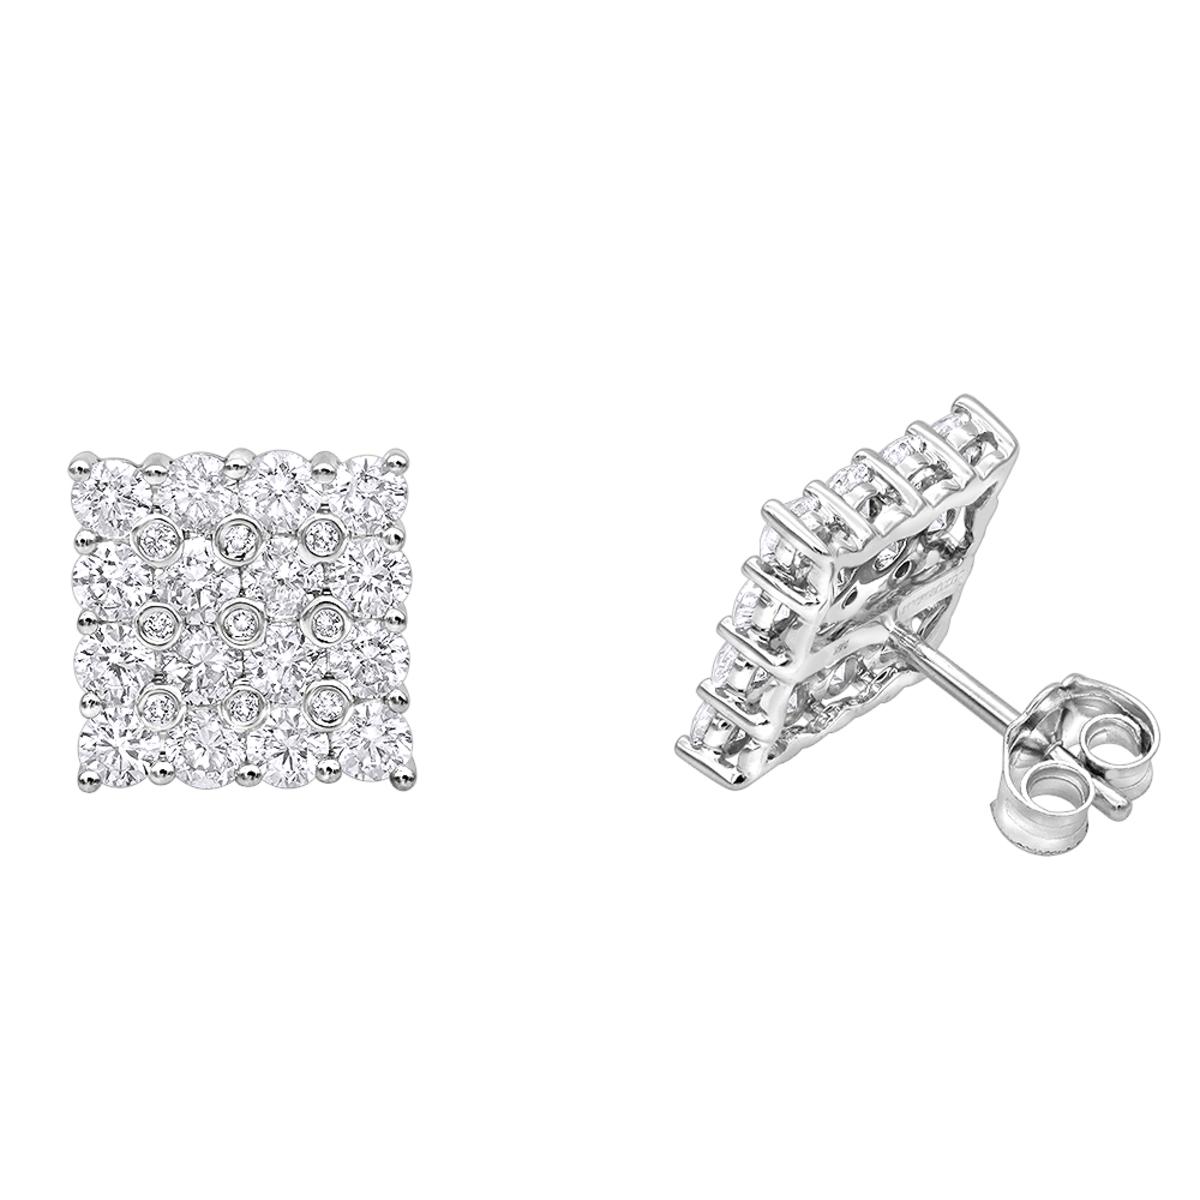 2 Carat Luxurman Square Shape Round Diamond Earrings Studs in 14k Gold